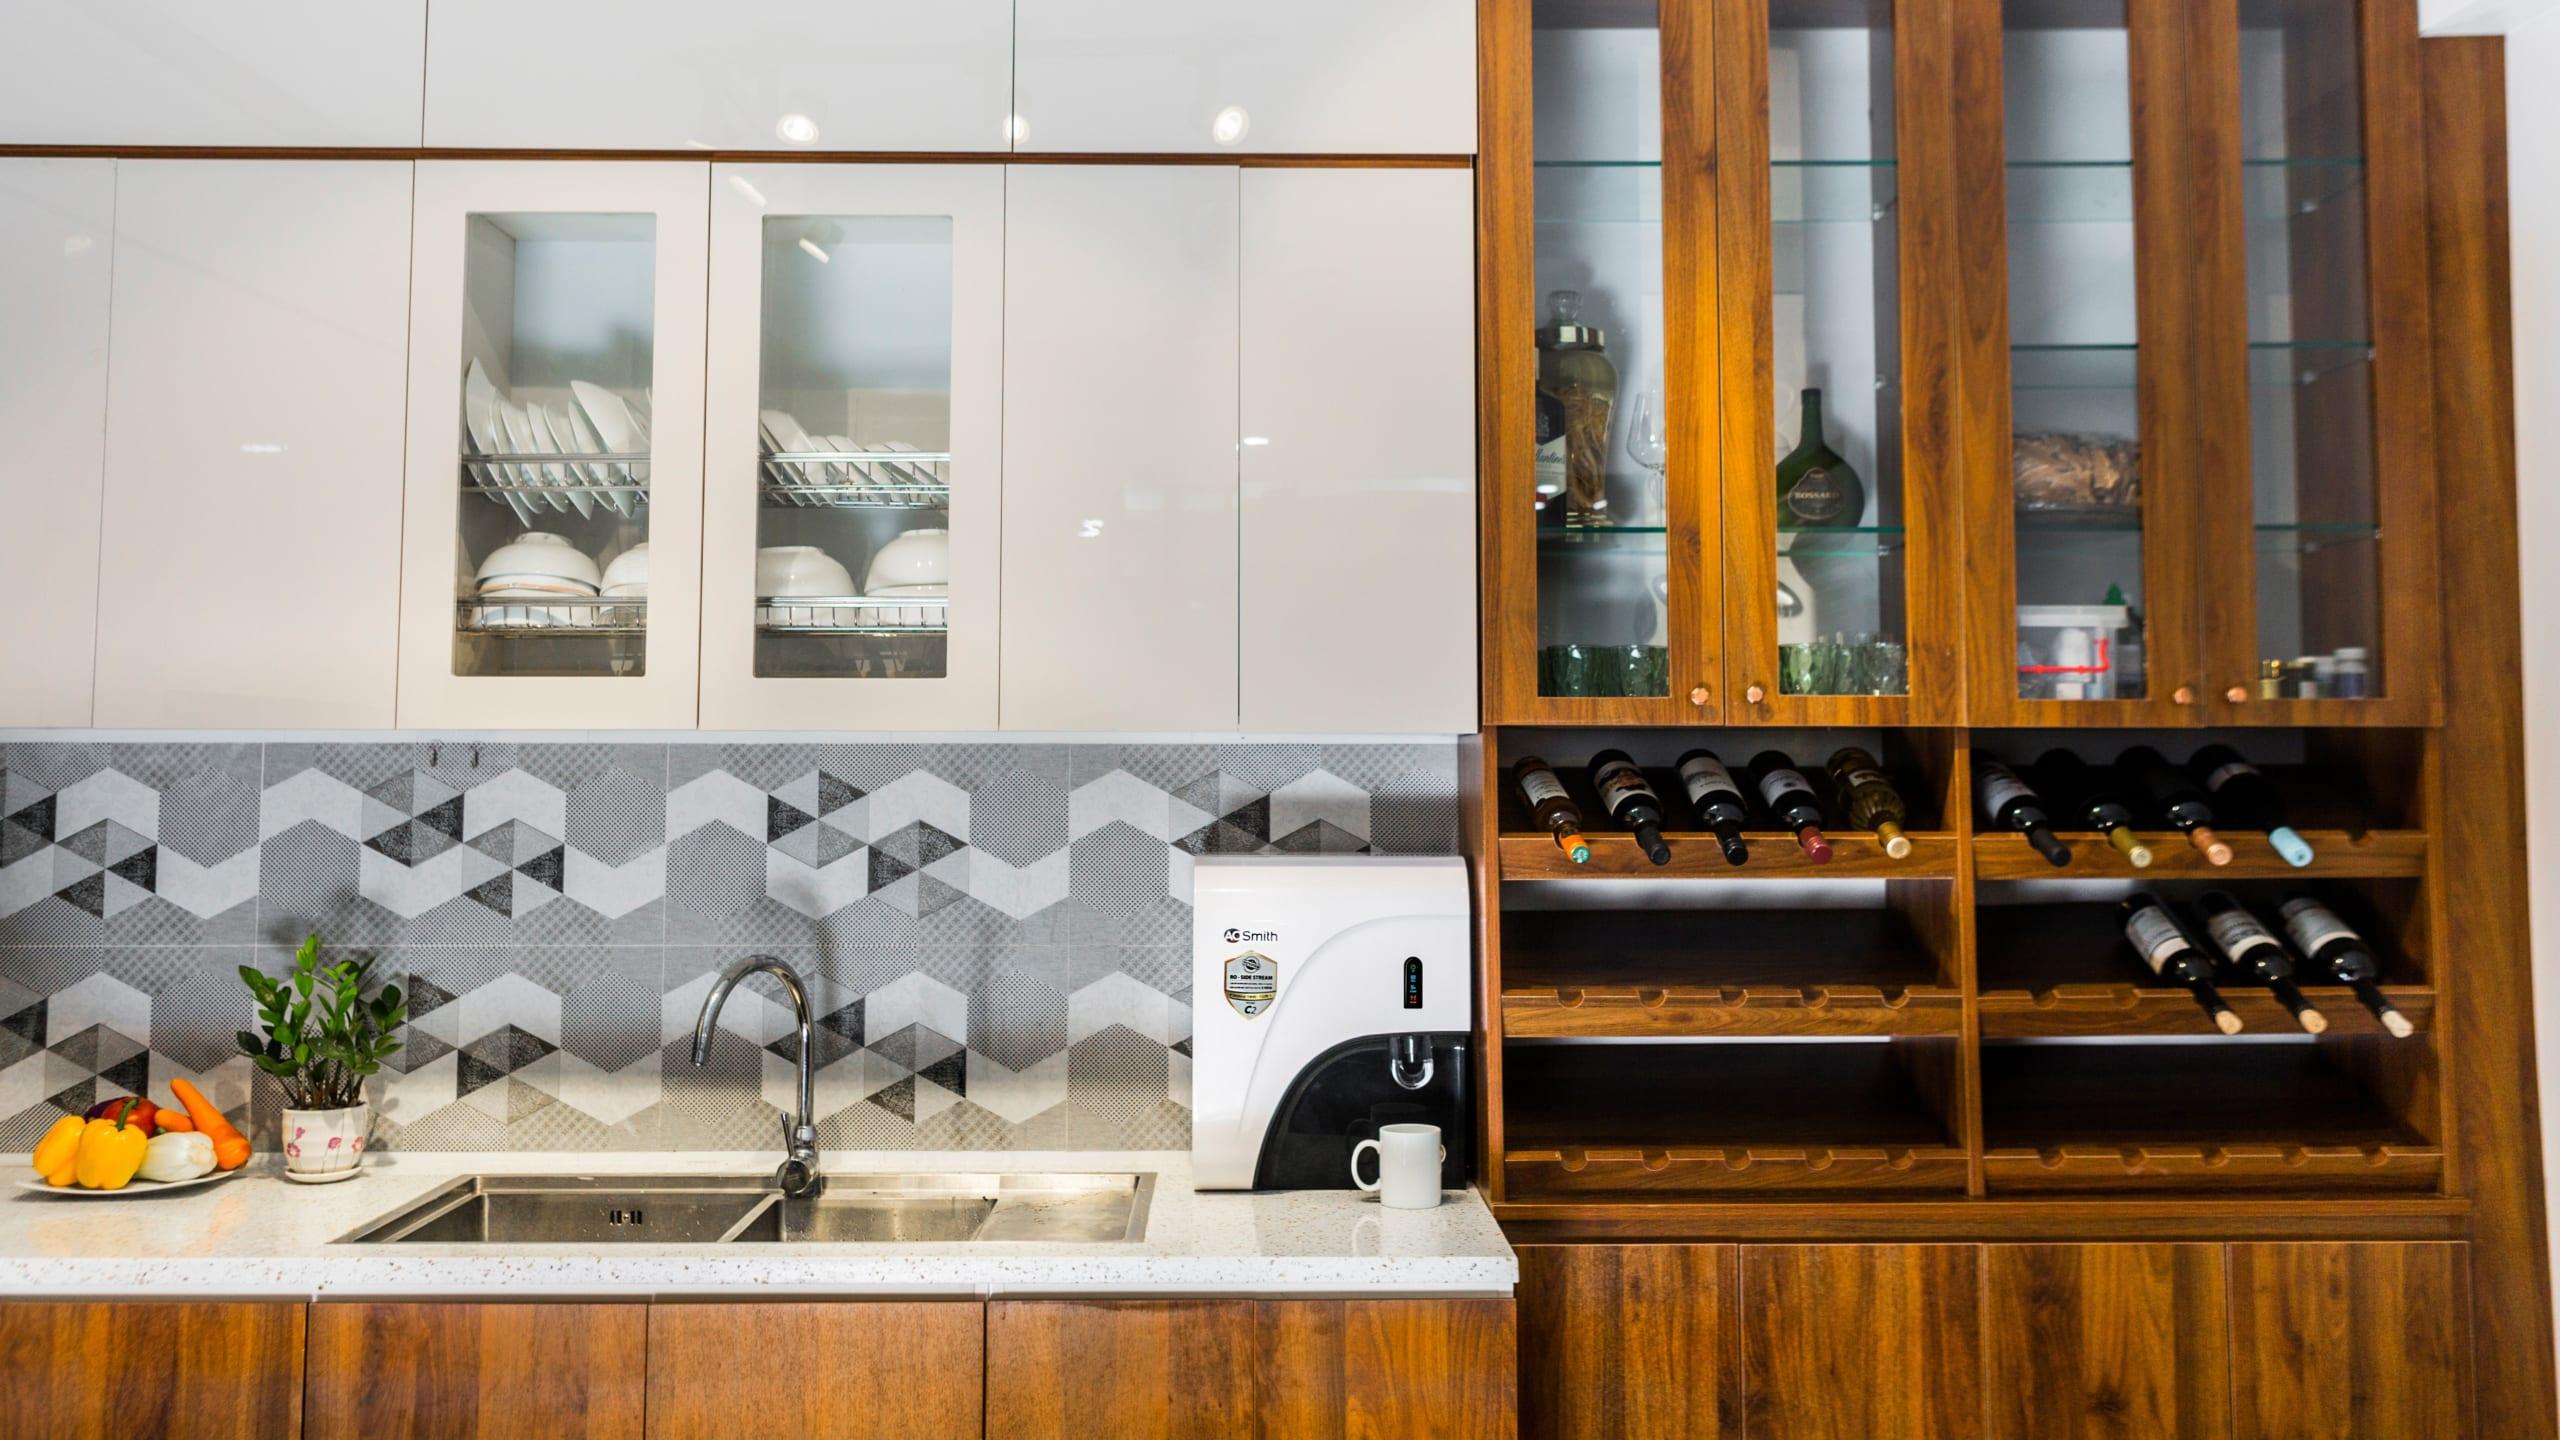 Máy lọc nước C2 phù hợp với mọi không gian, màu sắc trong căn bếp